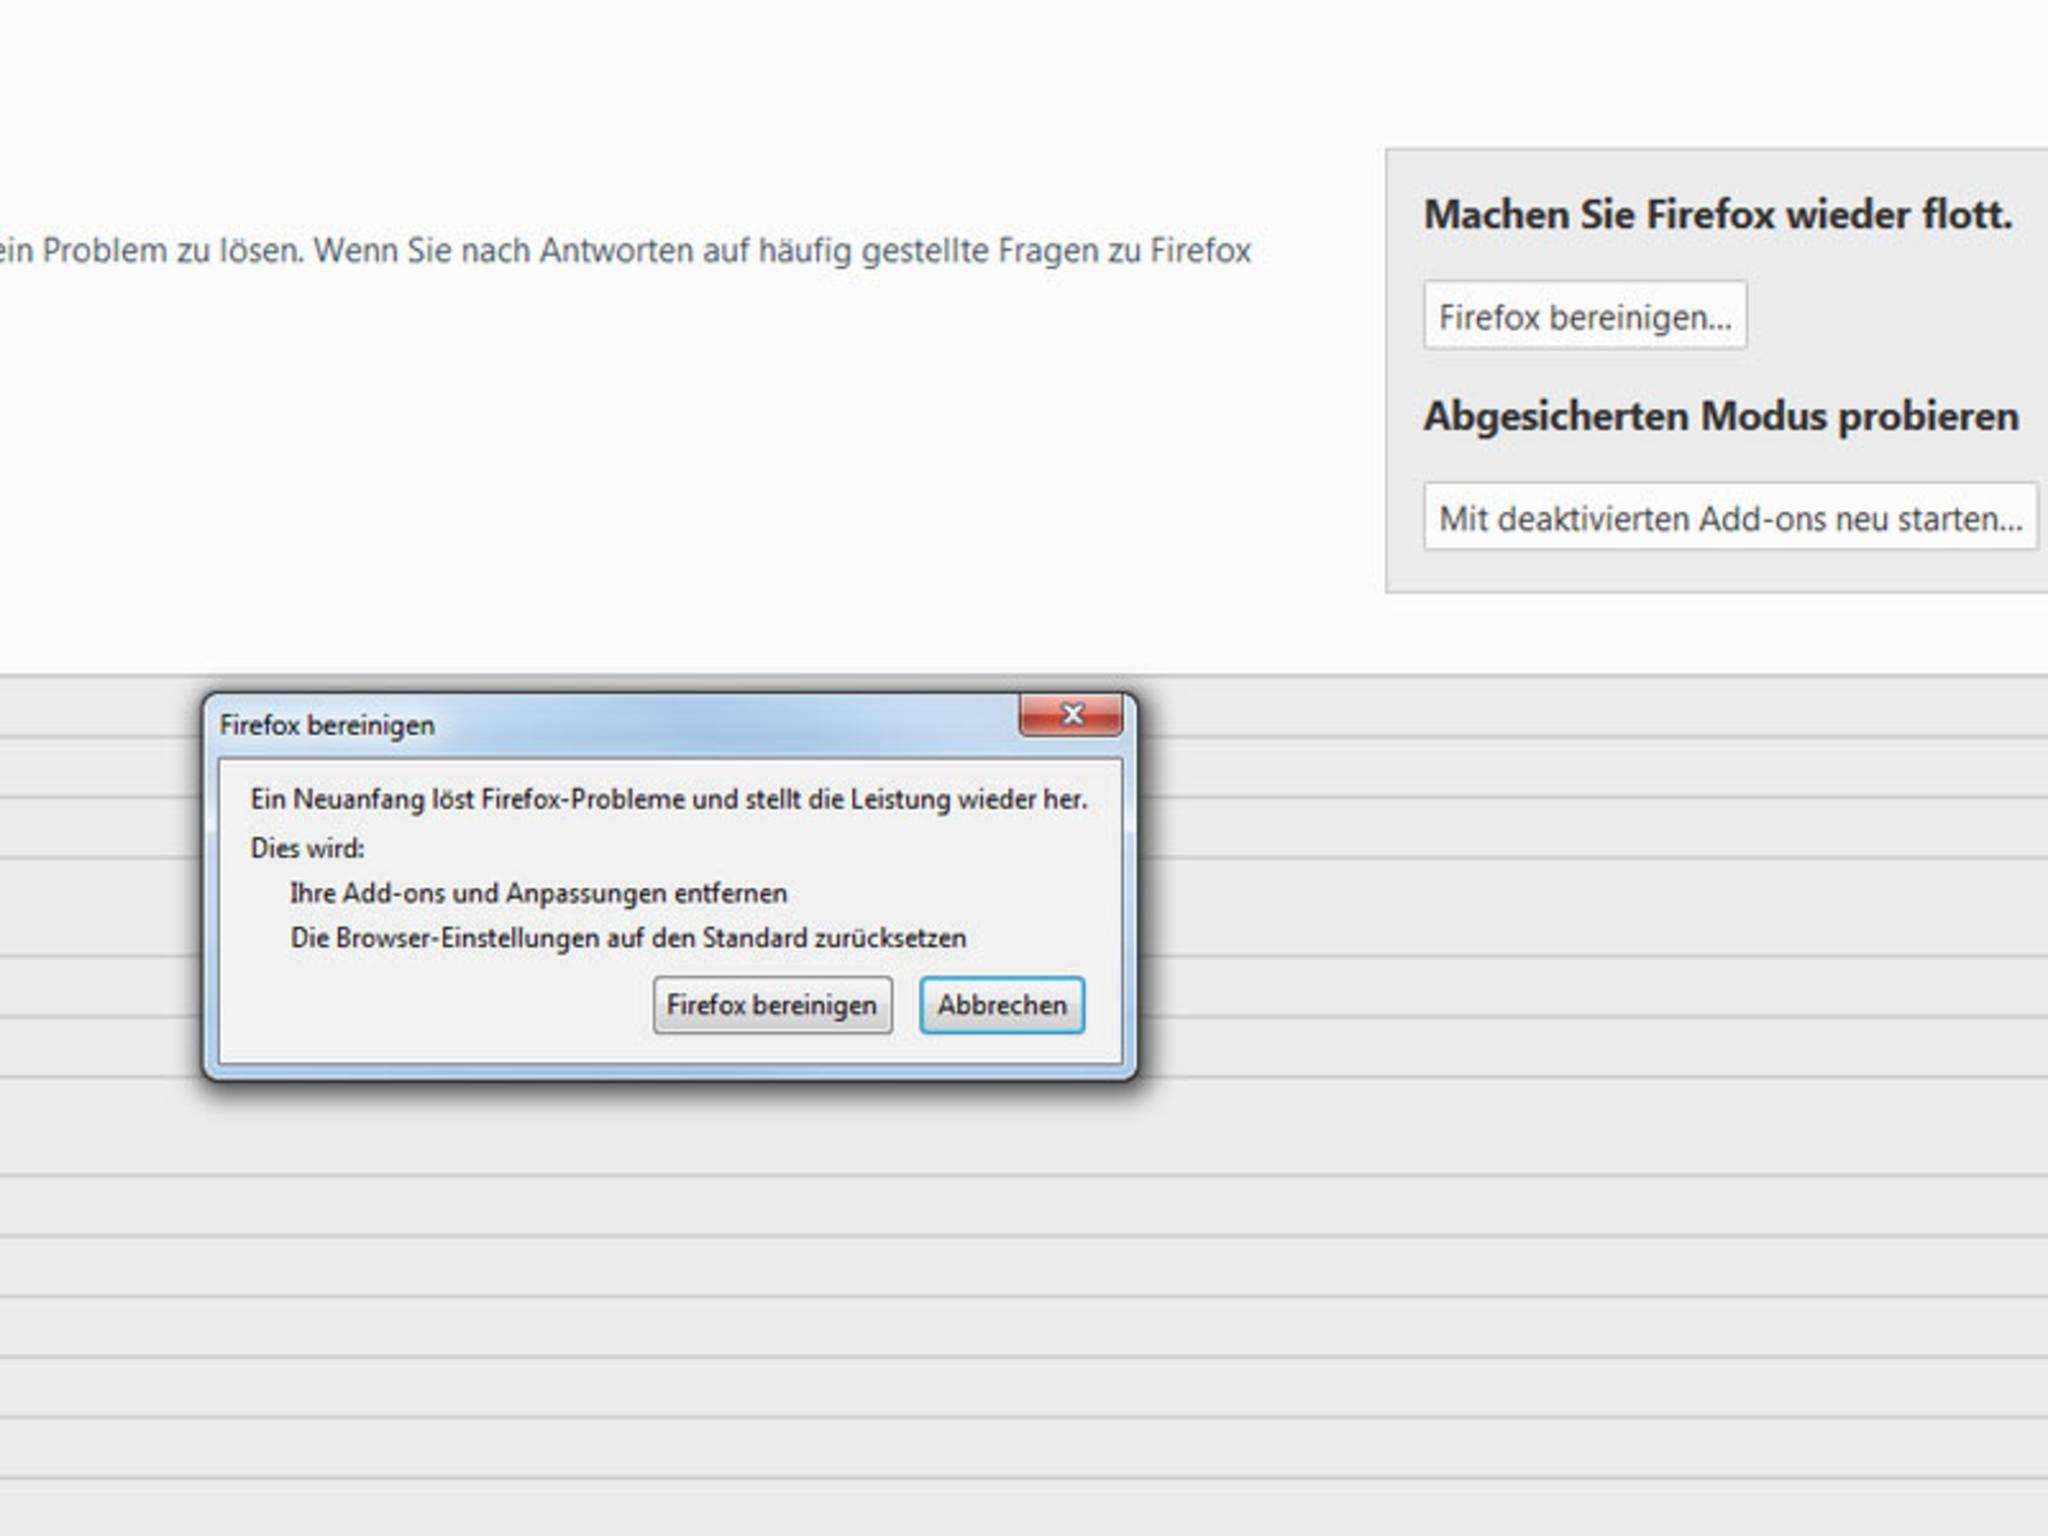 Firefox-bereinigen2